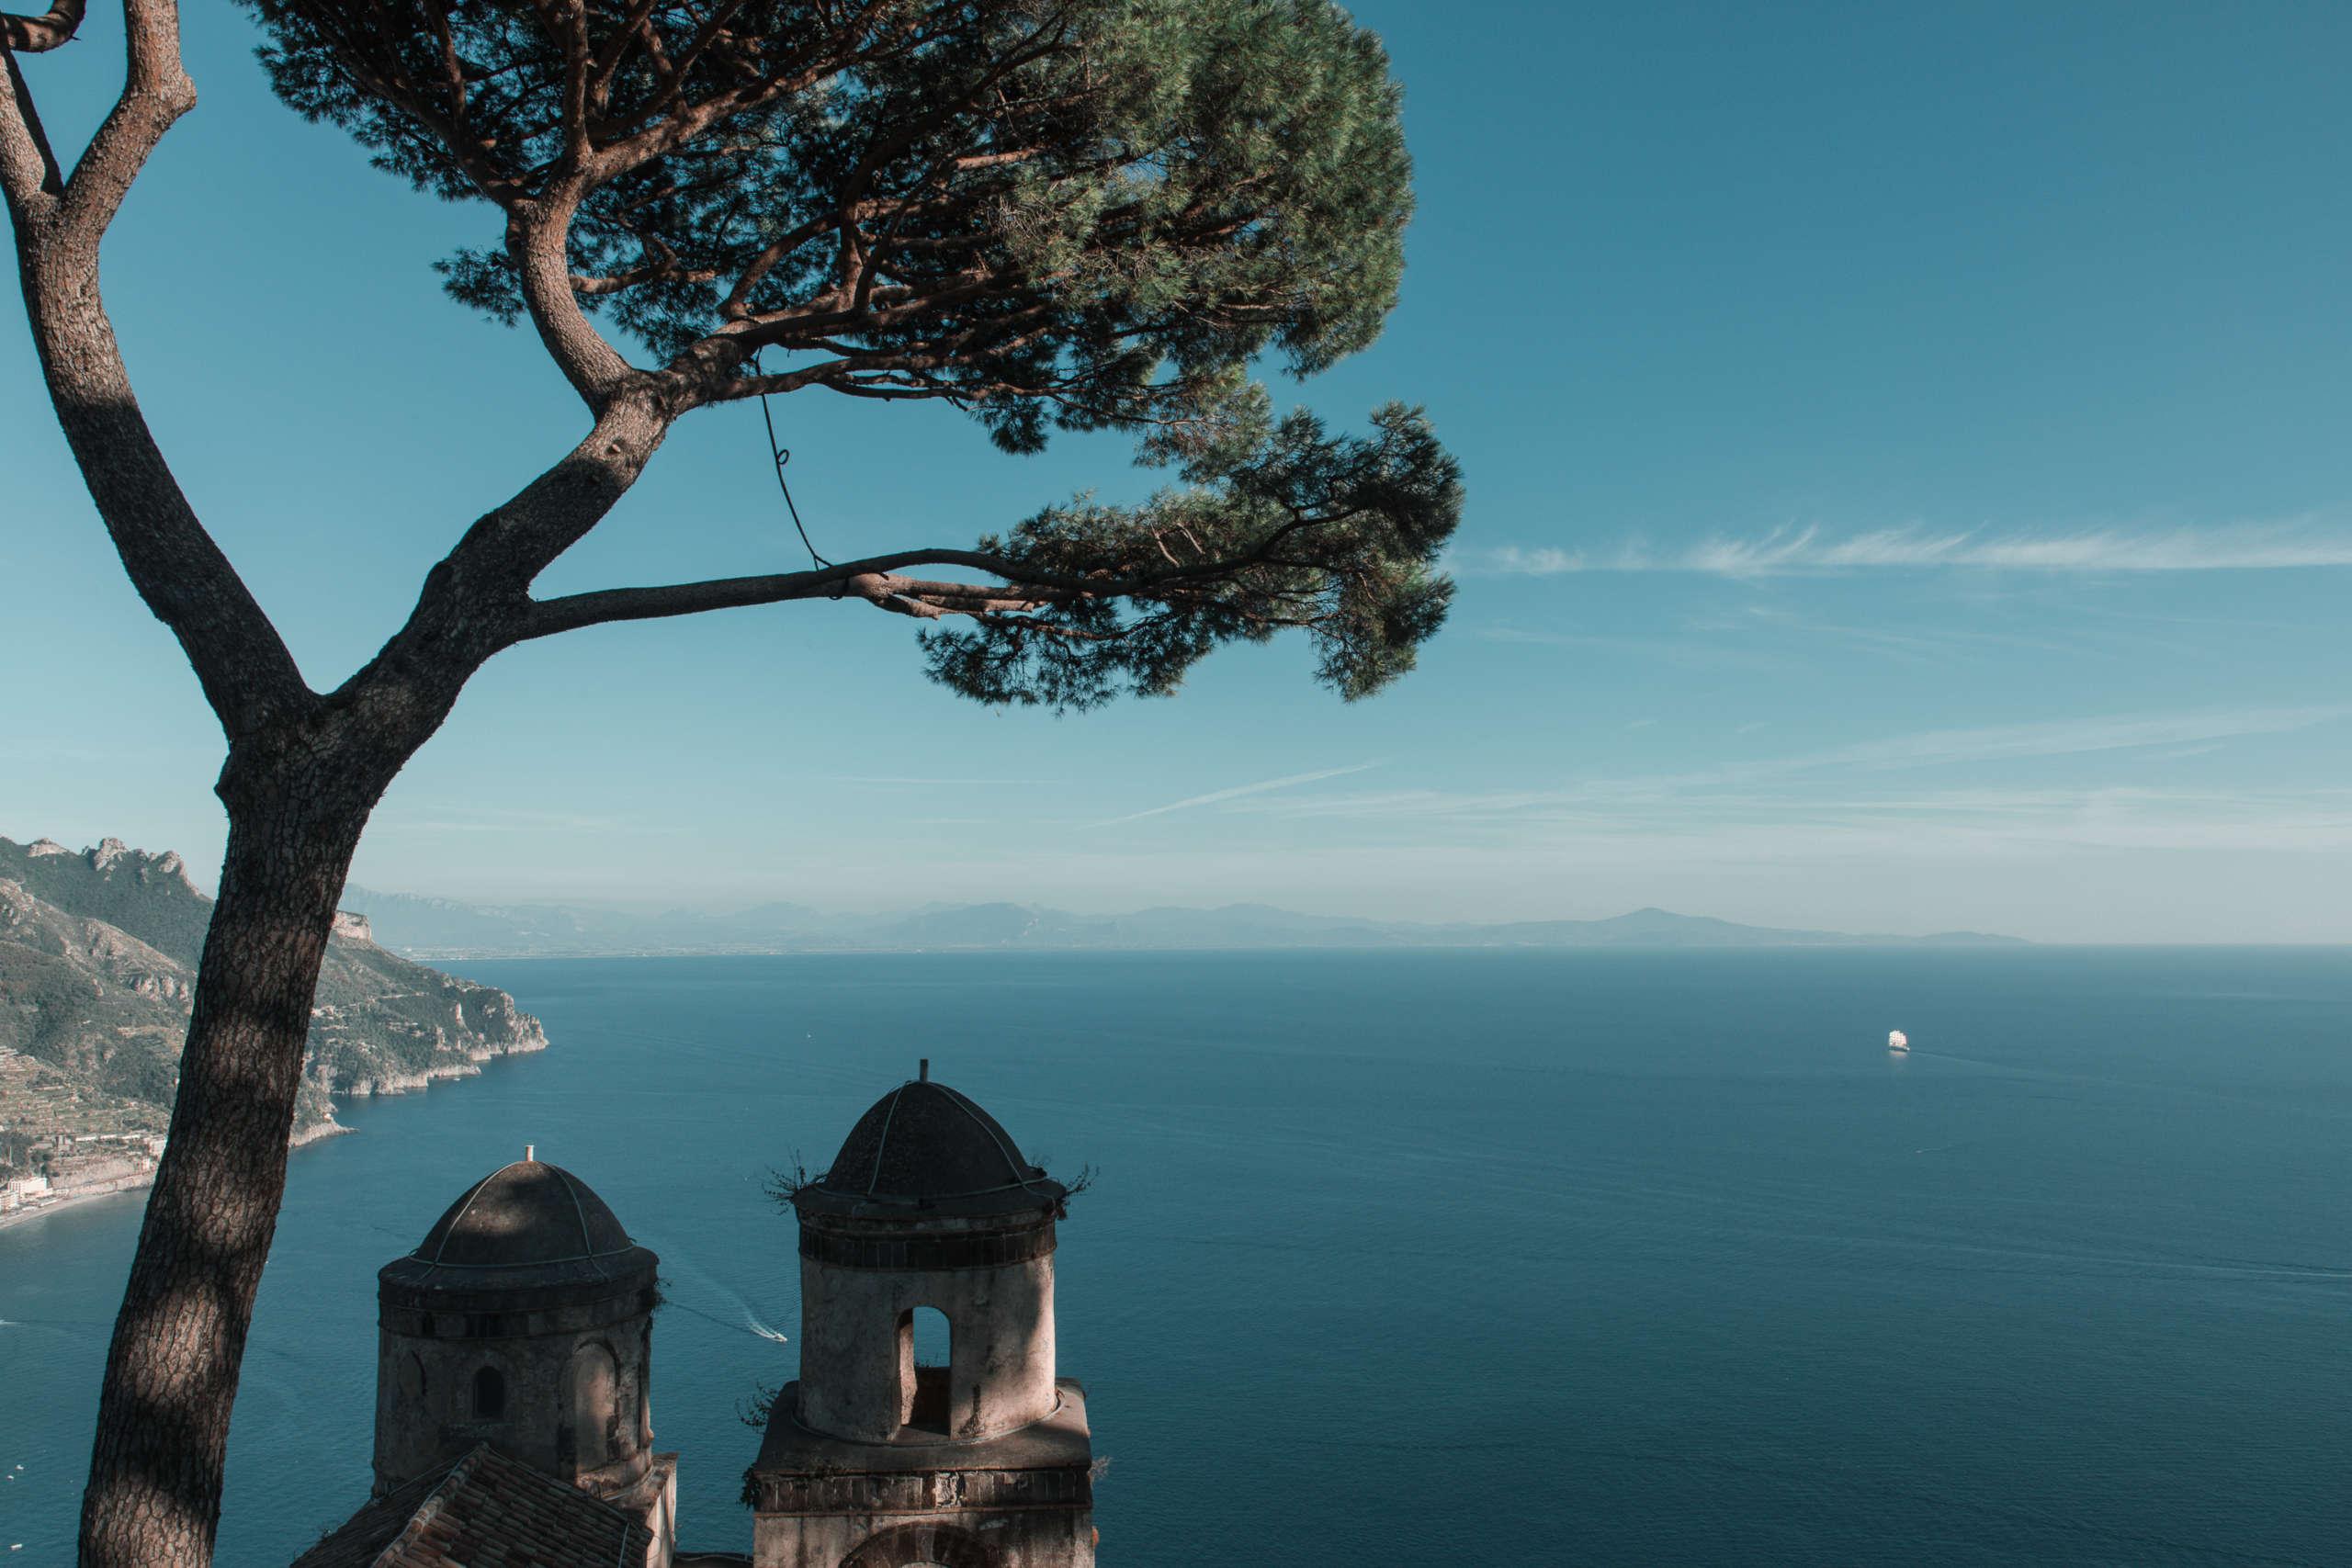 Aussicht von oben auf das blaue Meer.